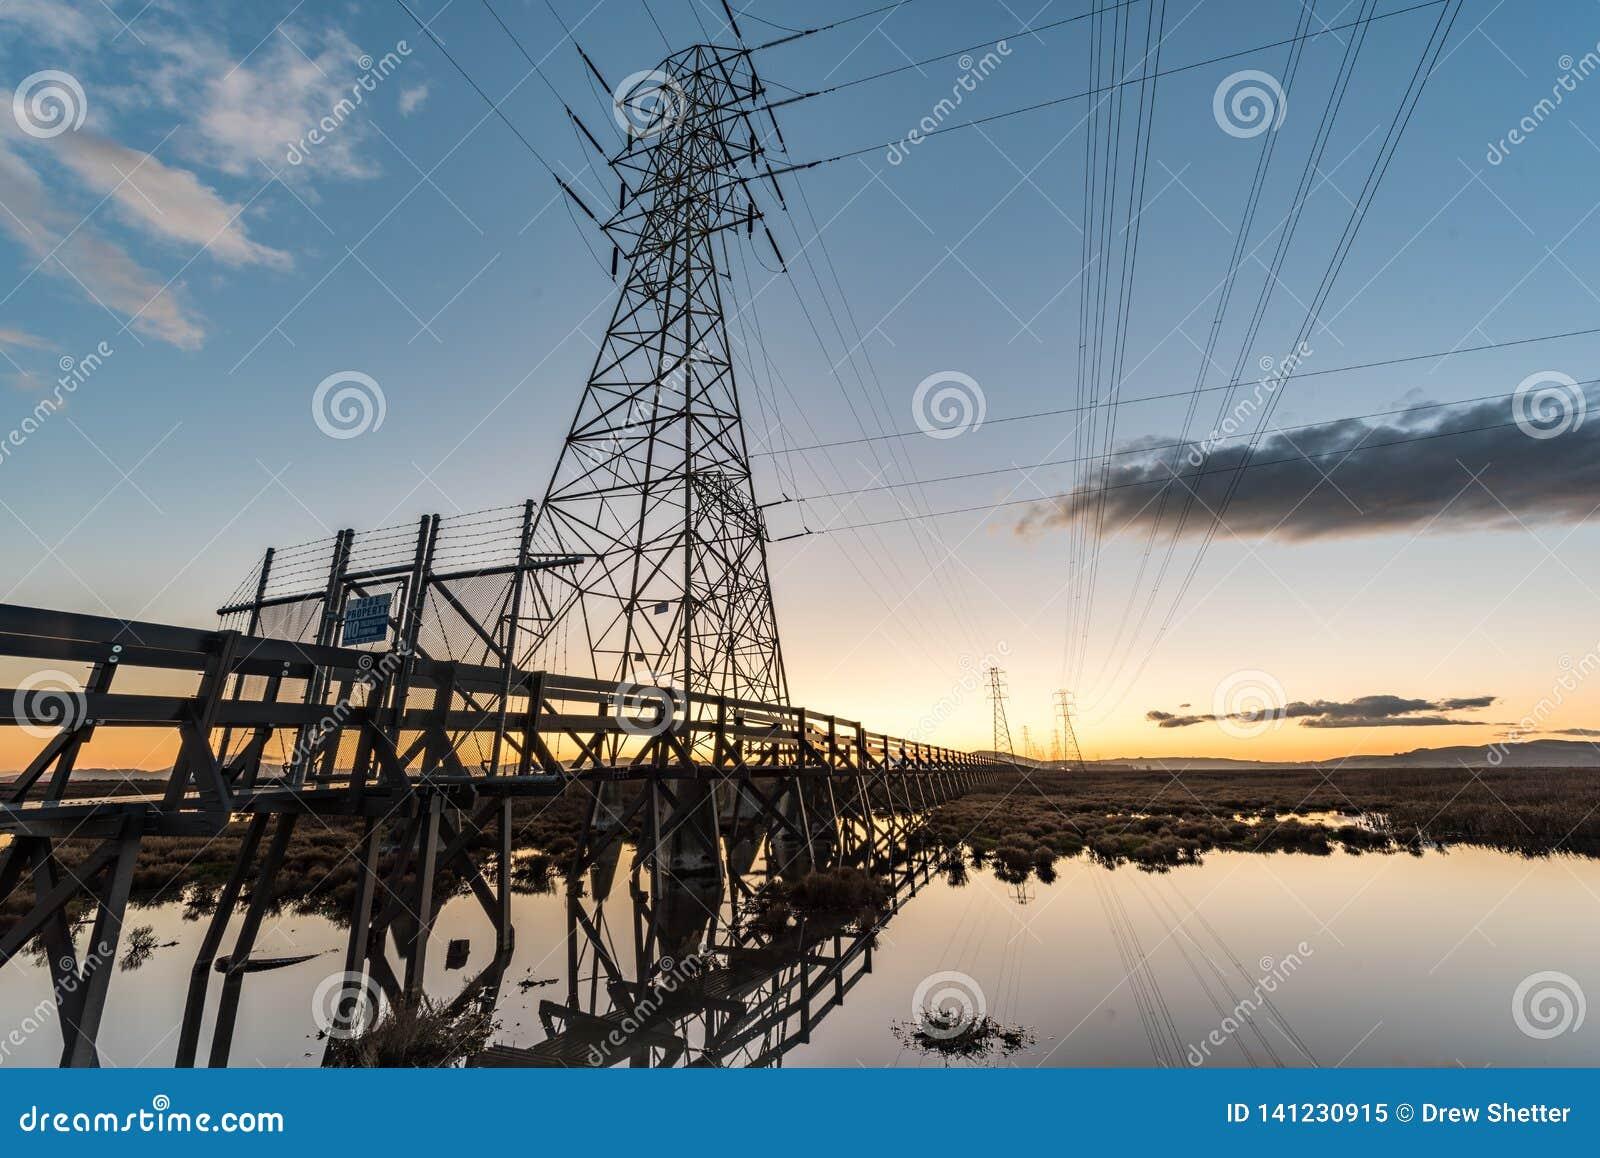 Elektrotorens met belangrijke lijnen bij zonsondergang, met bezinningen in water